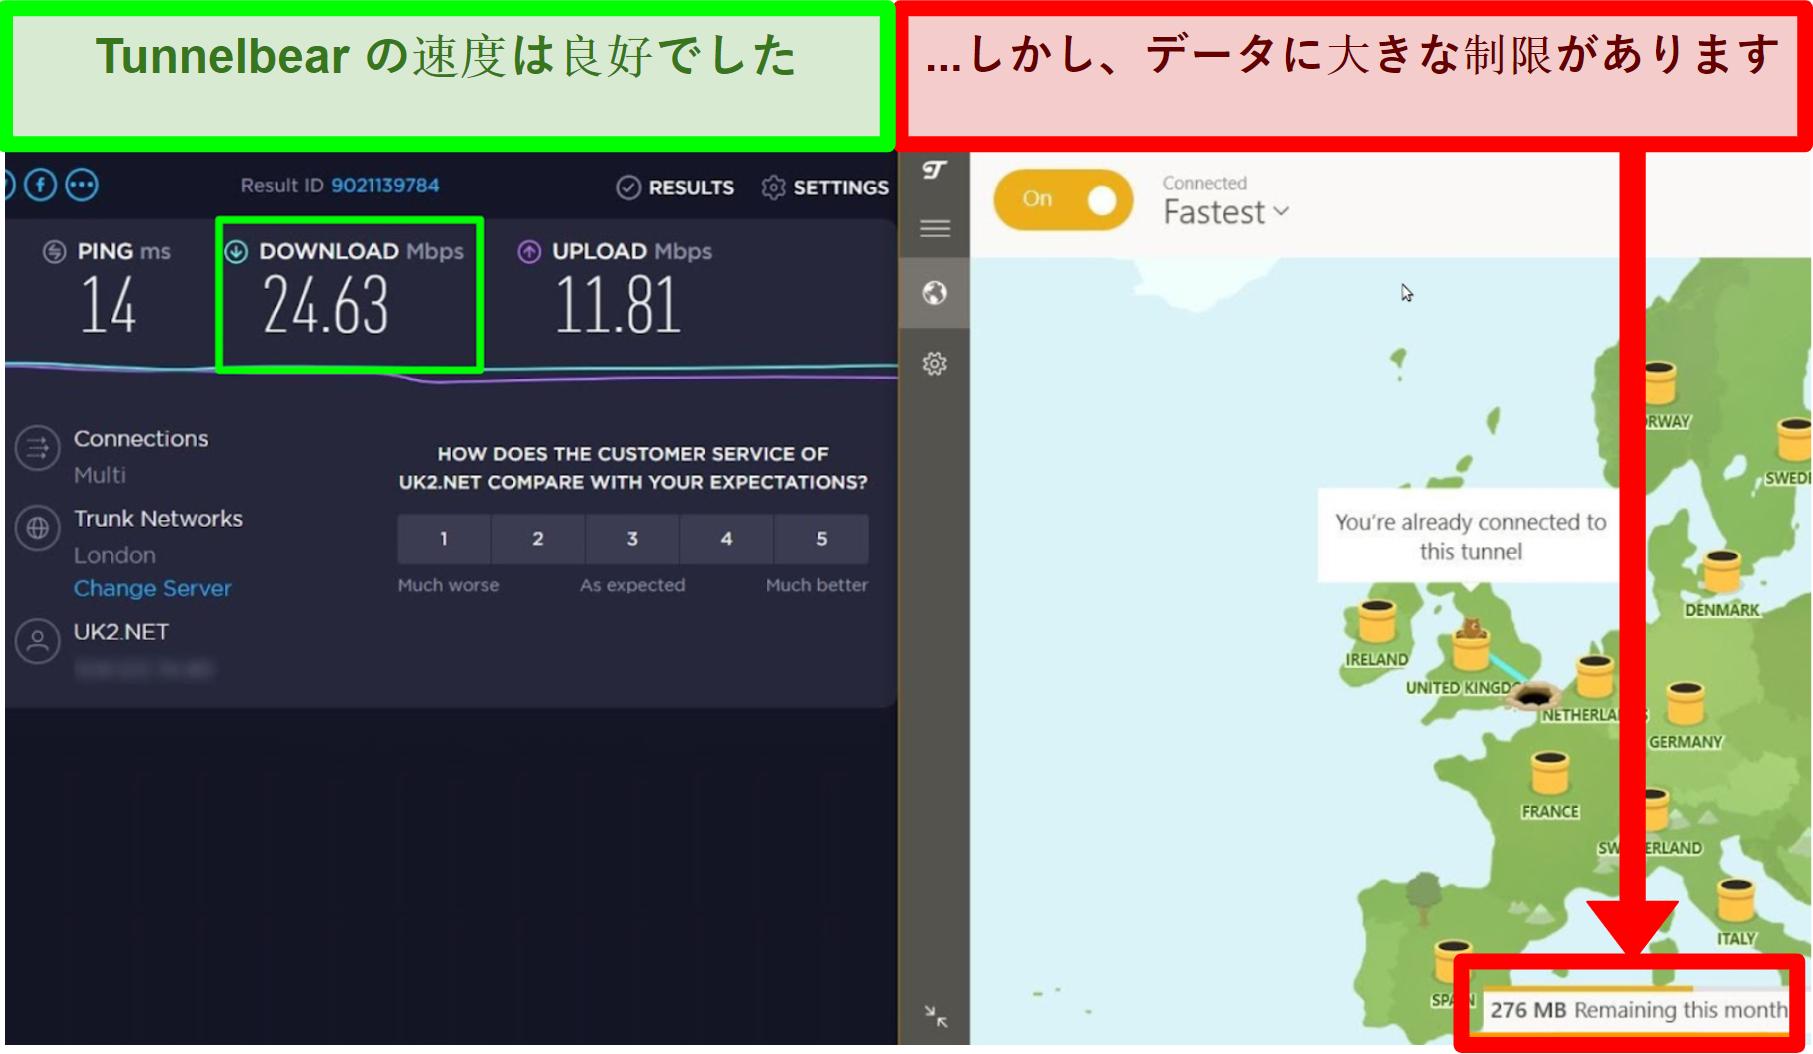 TunnelBearは高速ですが、ユーザーデータを制限します